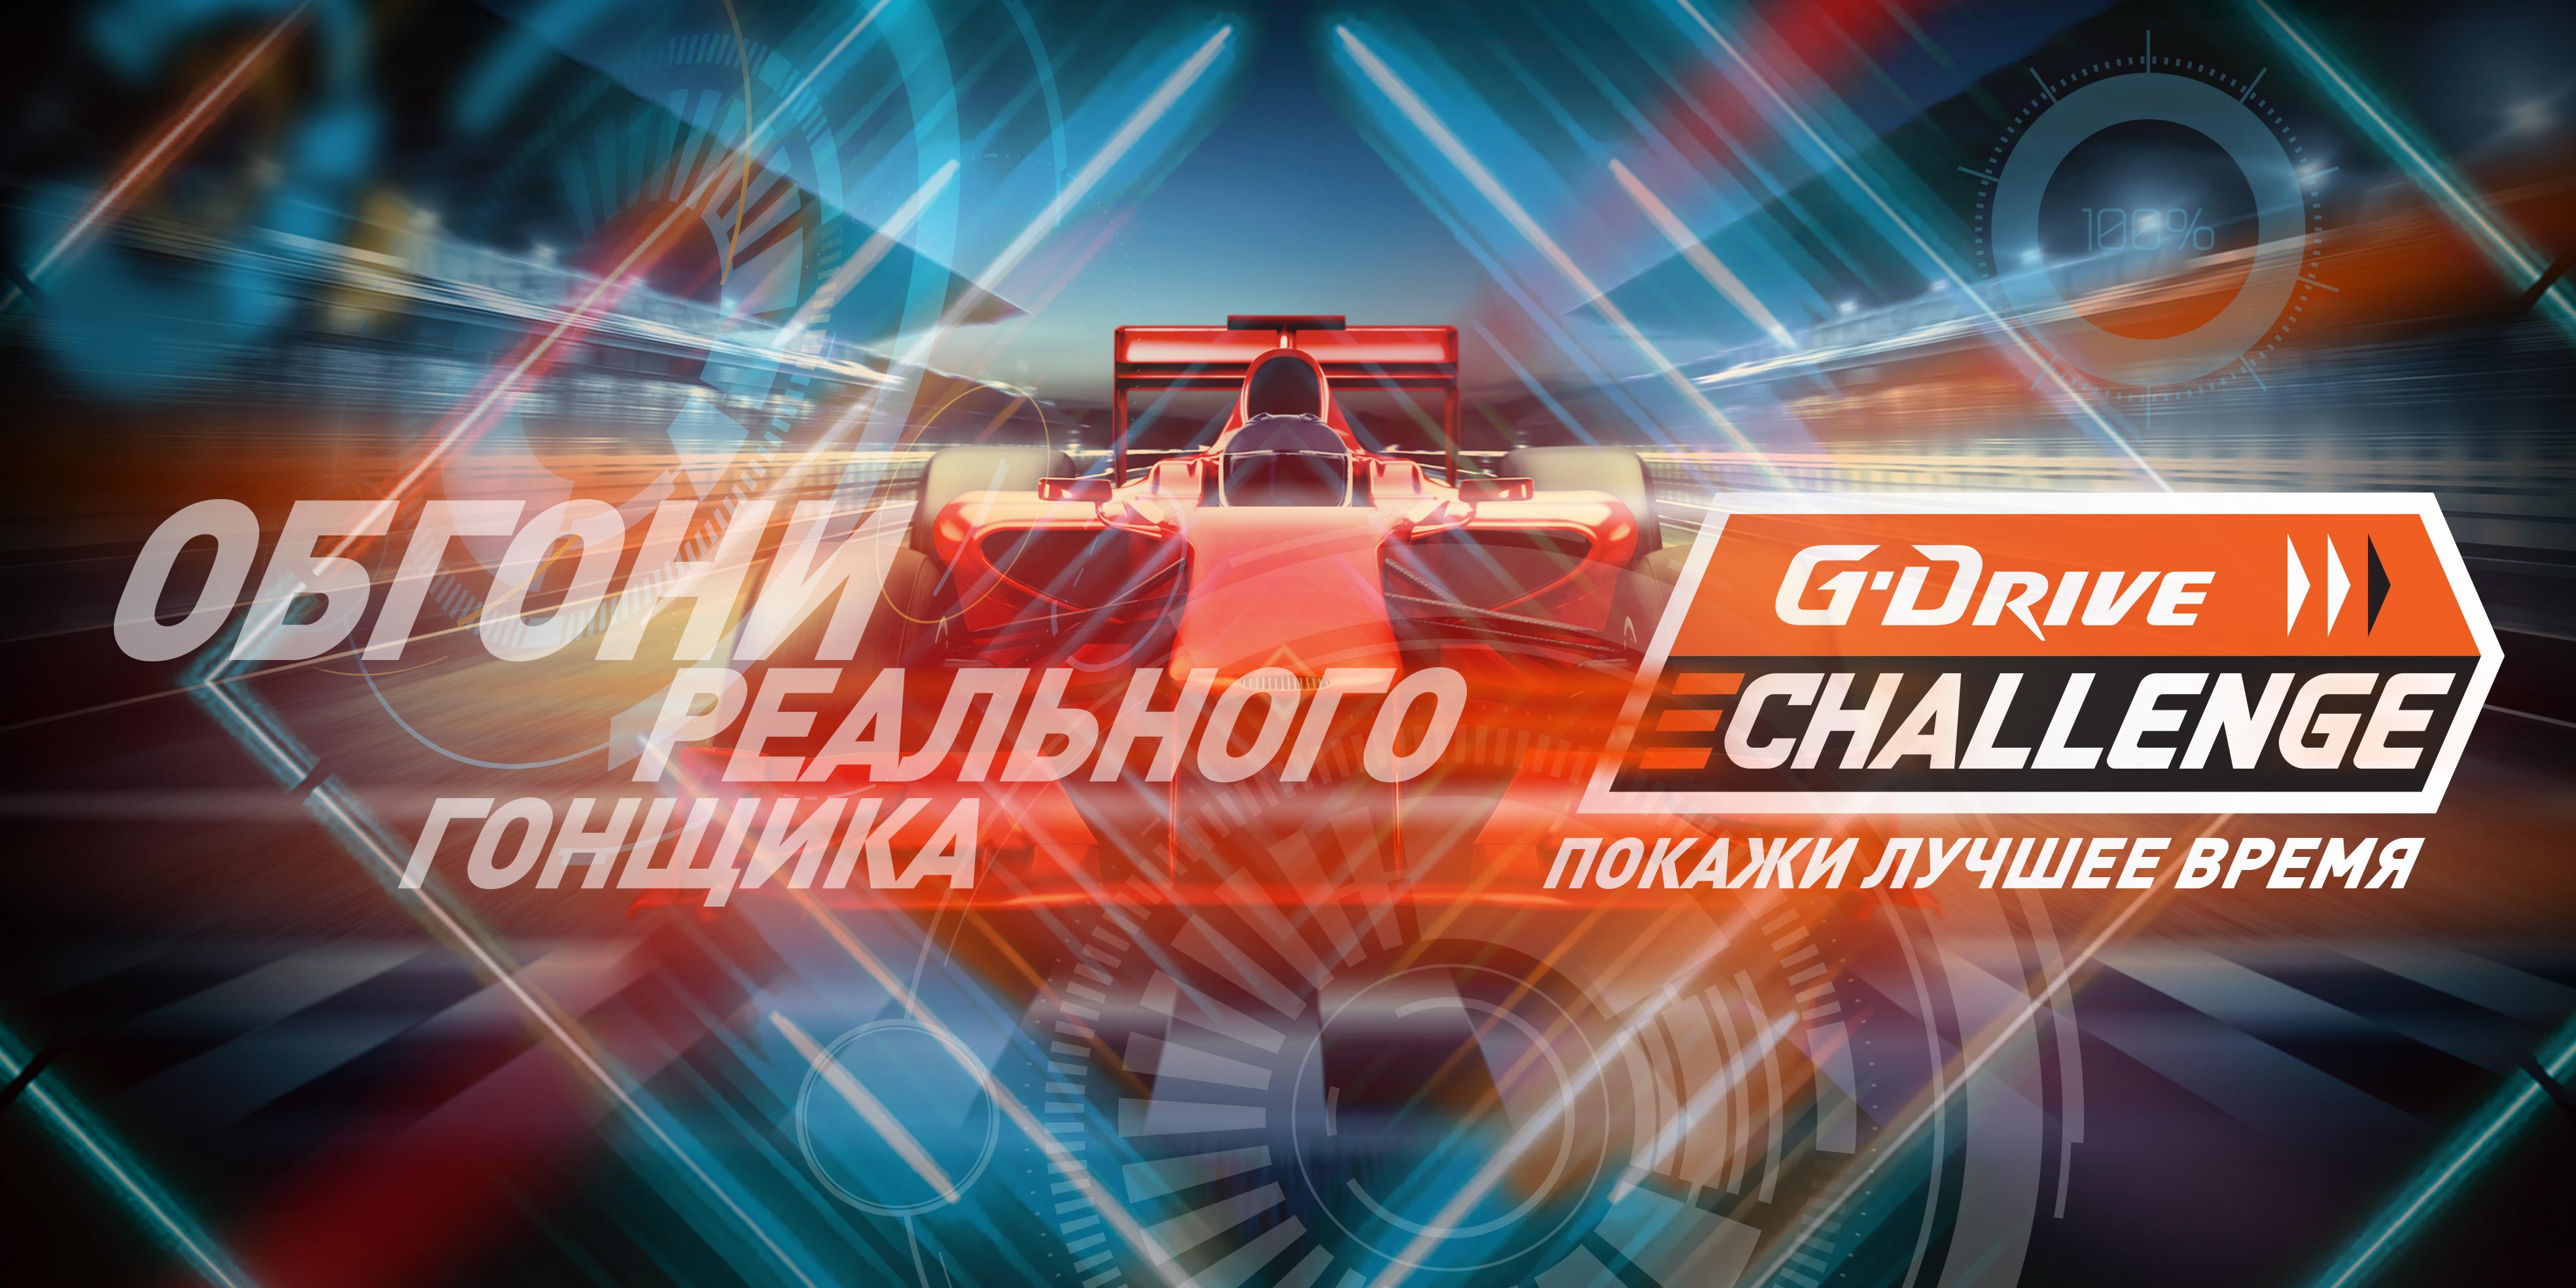 2019_ru_2019_2151_hero_1